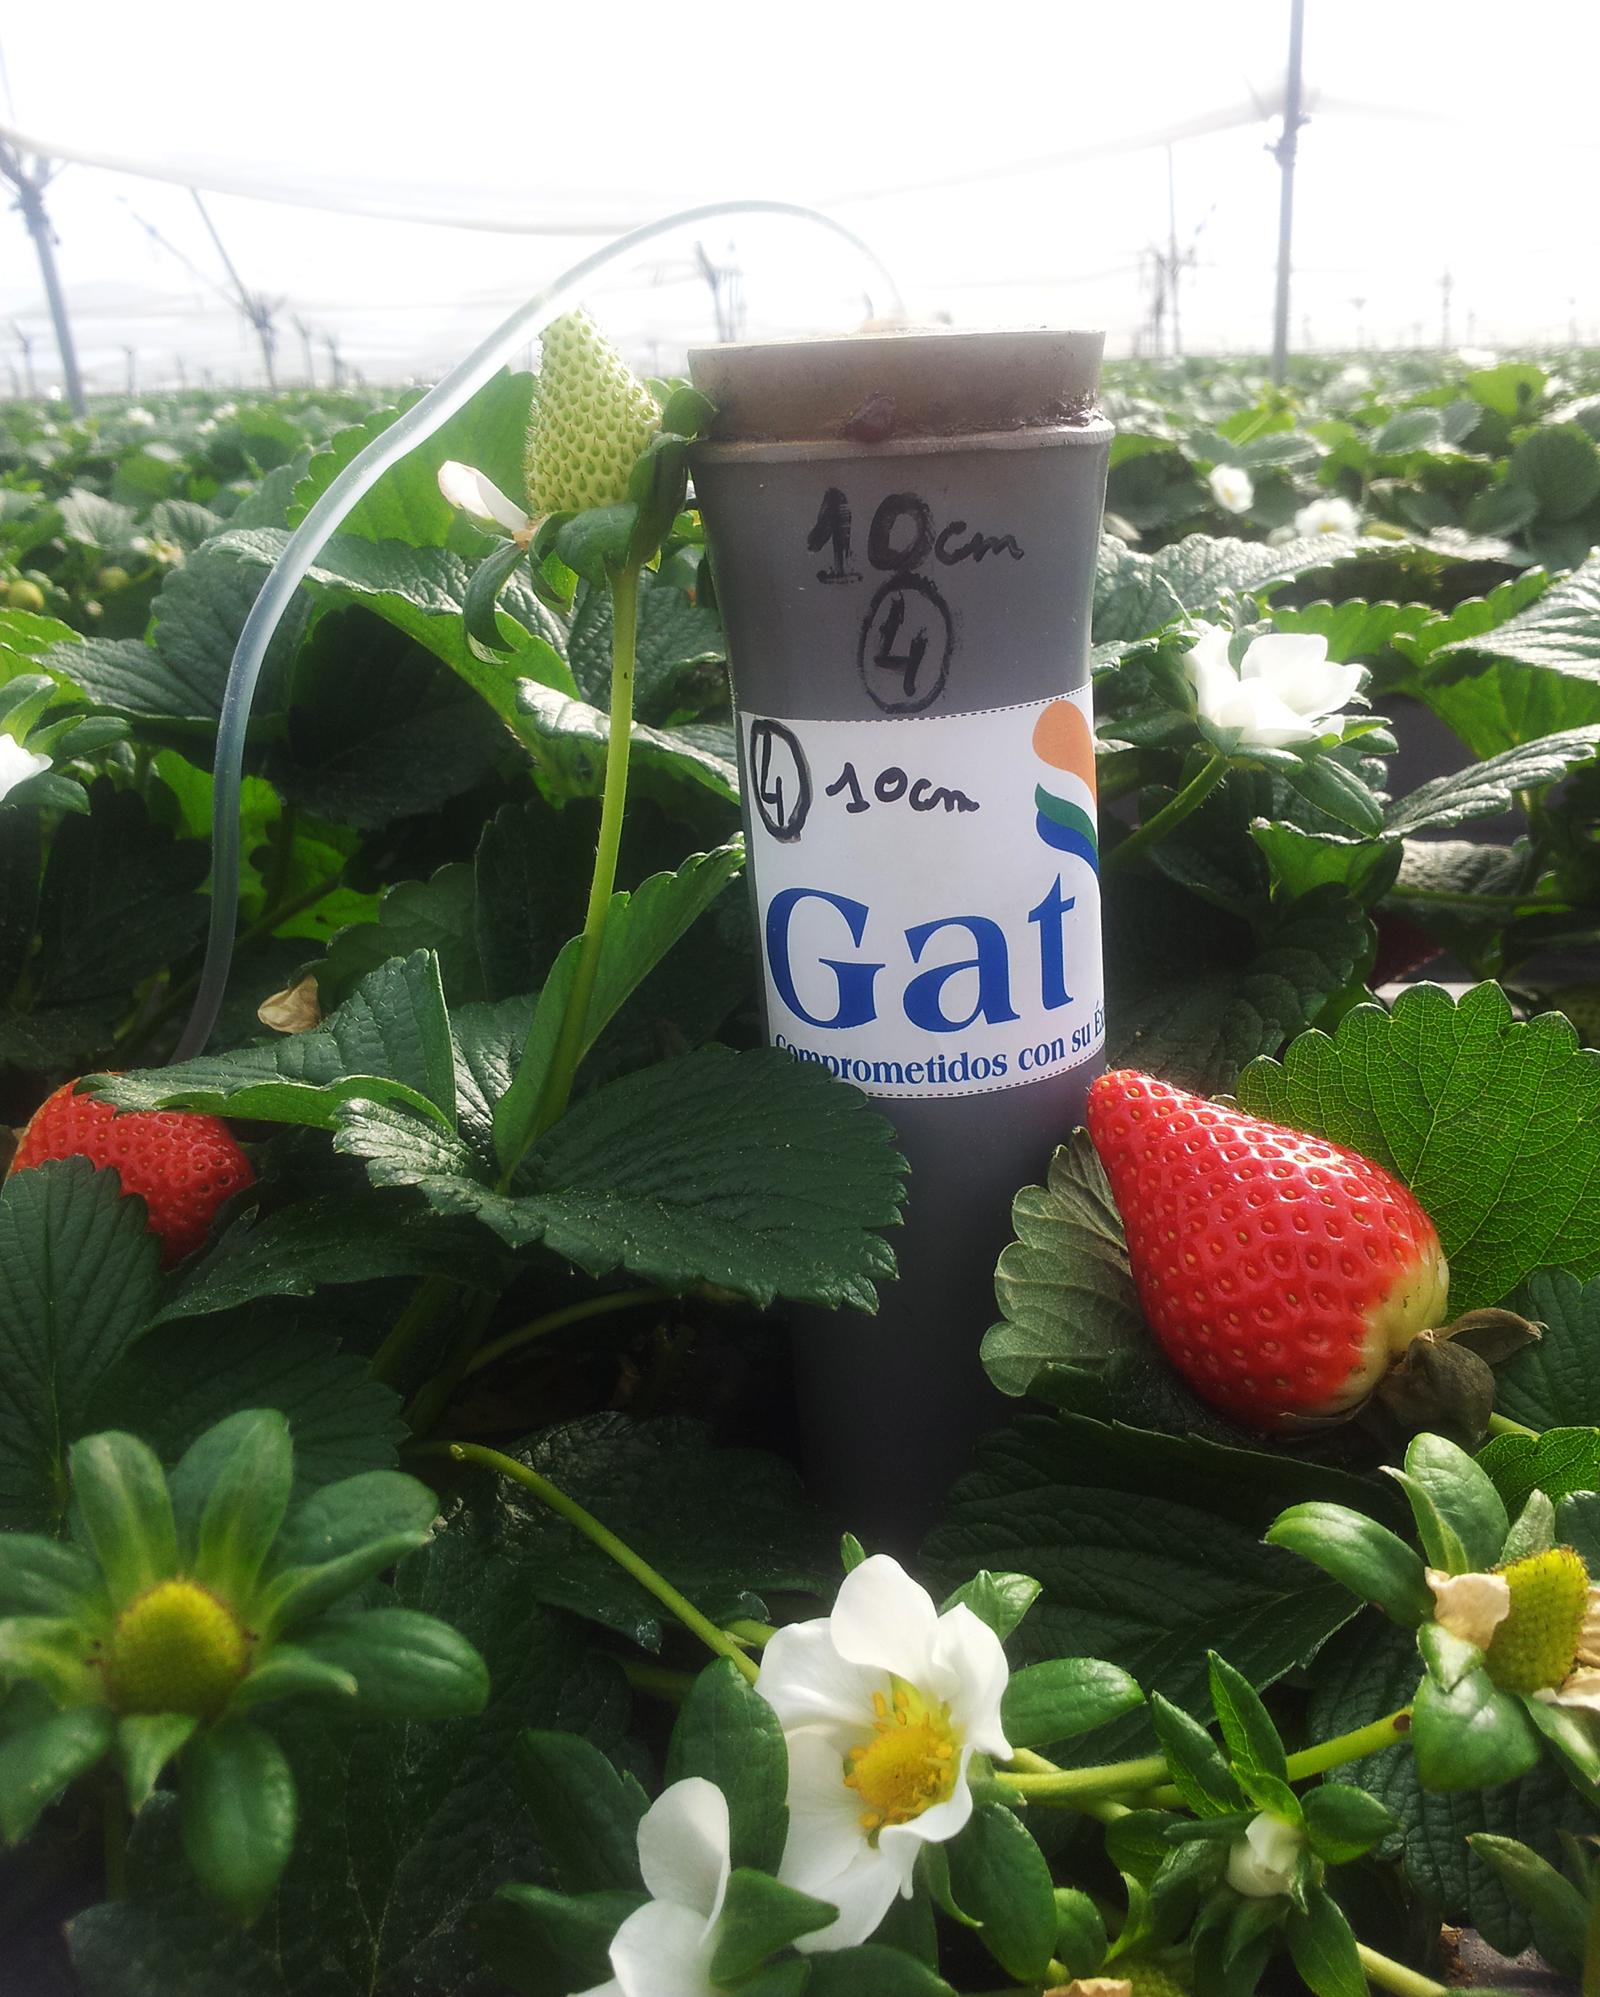 Berries - Cultivos Gat Fertilíquidos